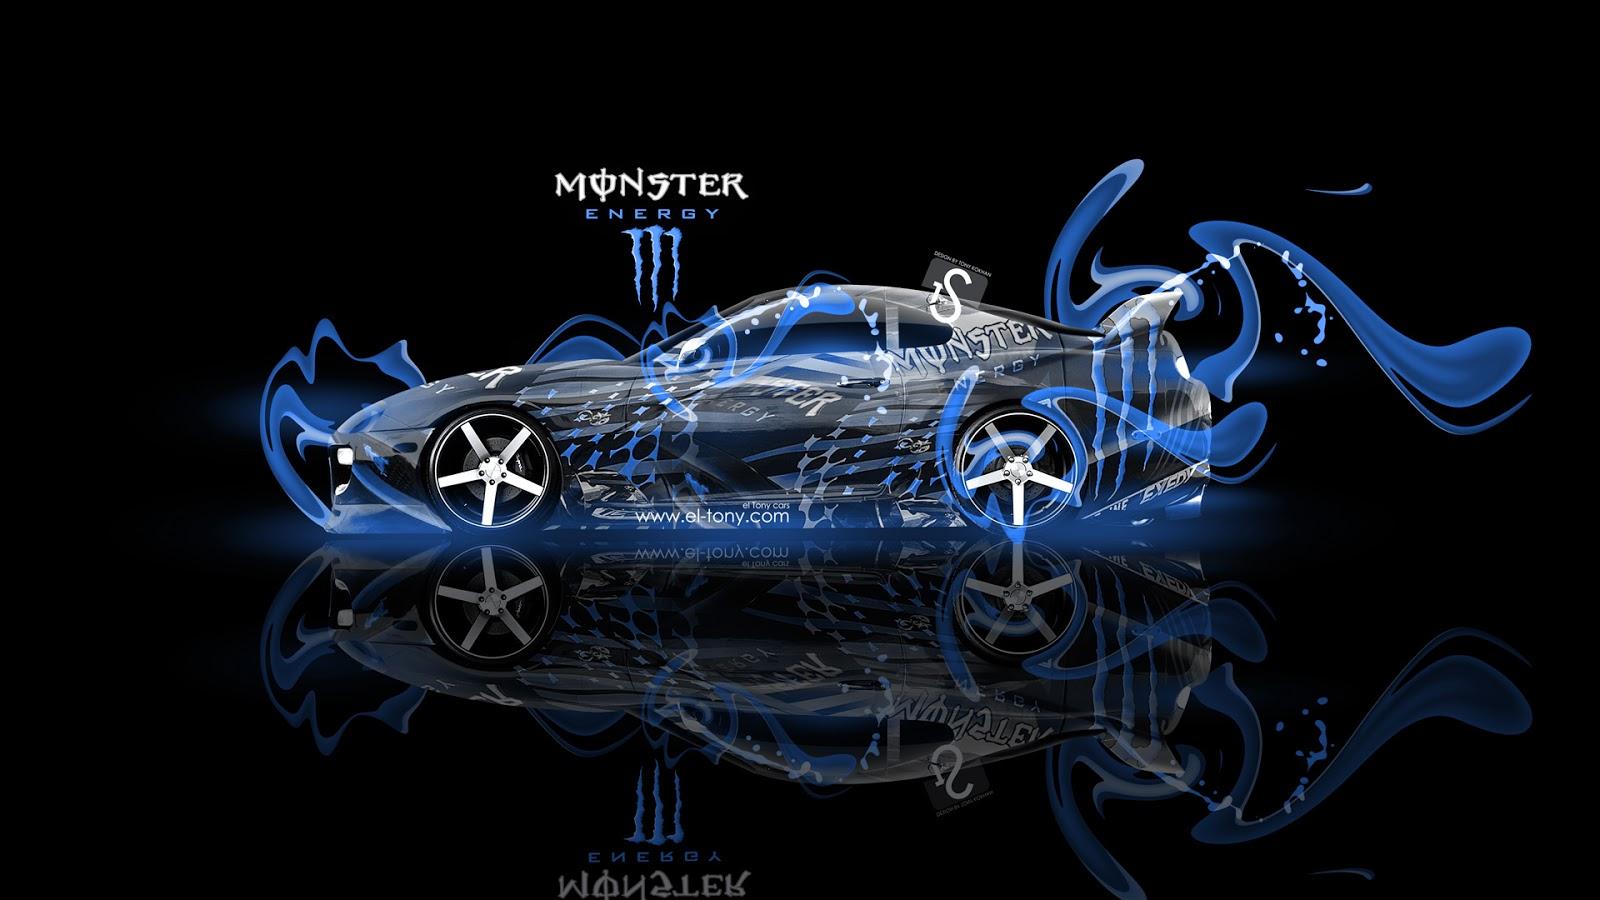 Wallpaper Monster Energy Full Hd Sr Danniels Costa